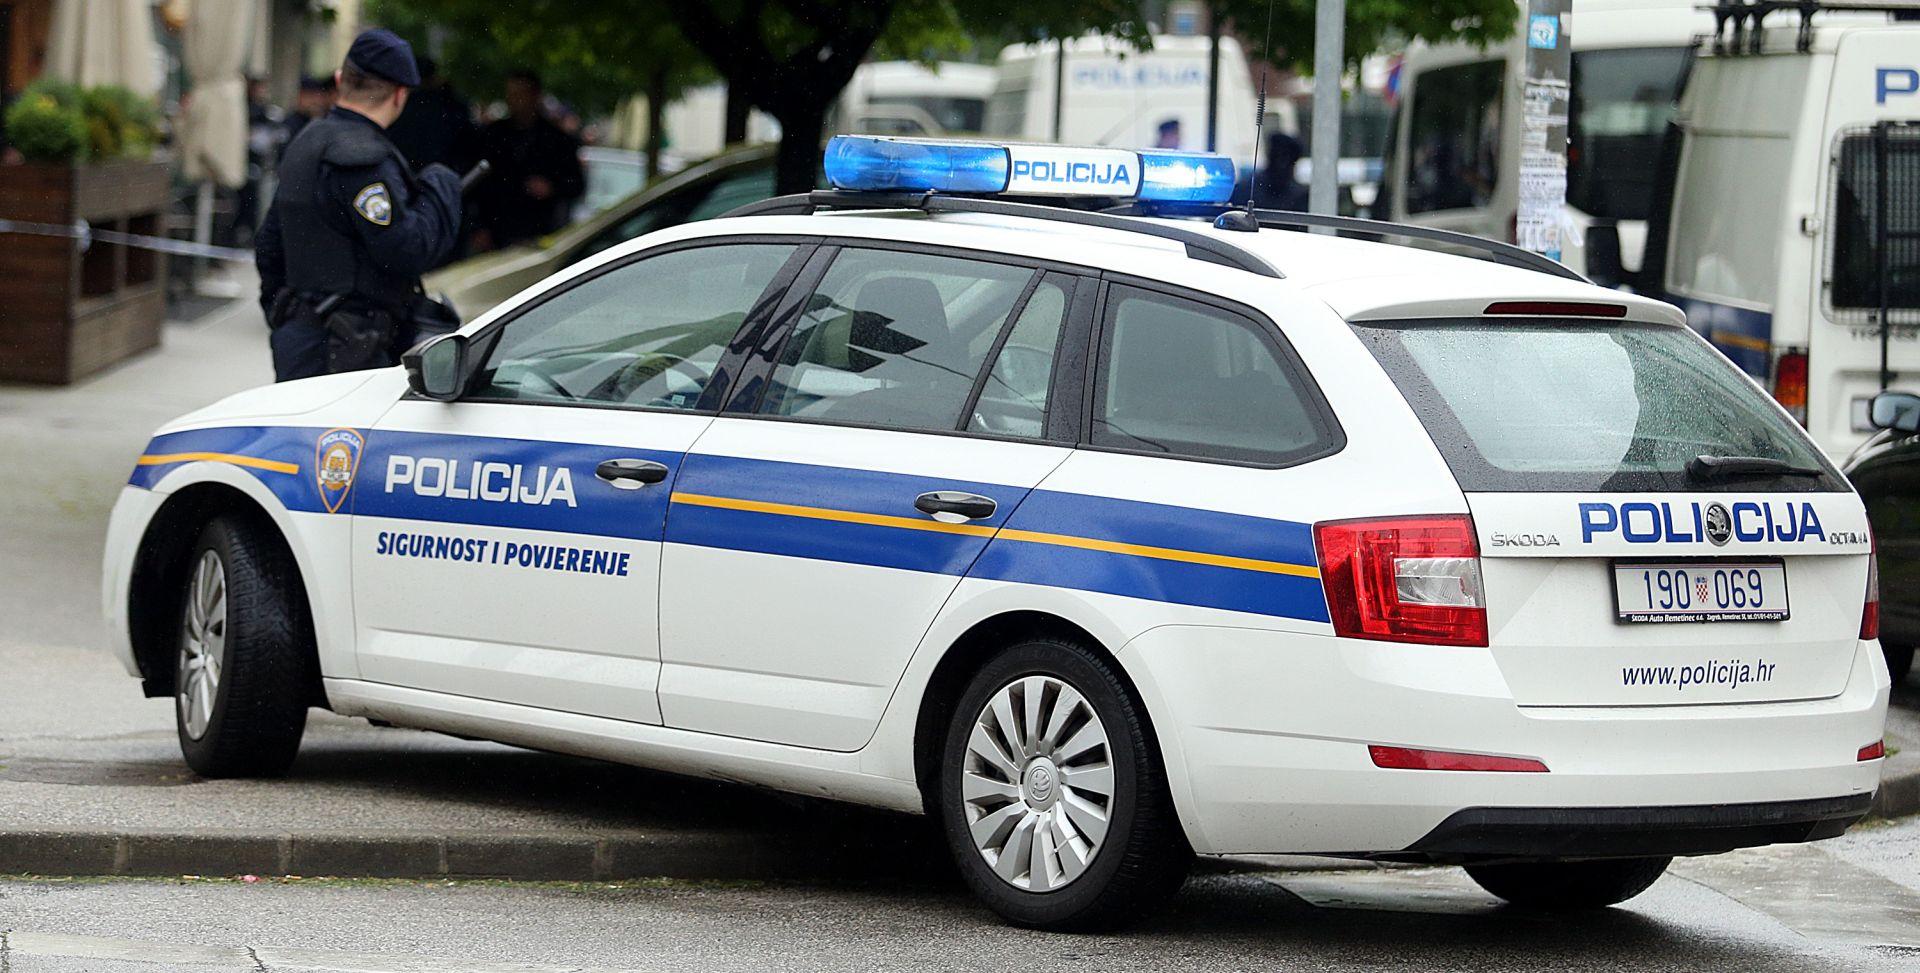 NESREĆA KOD BAKRA Vozilo austrijskih registracija sletjelo s kolnika, poginula jedna osoba